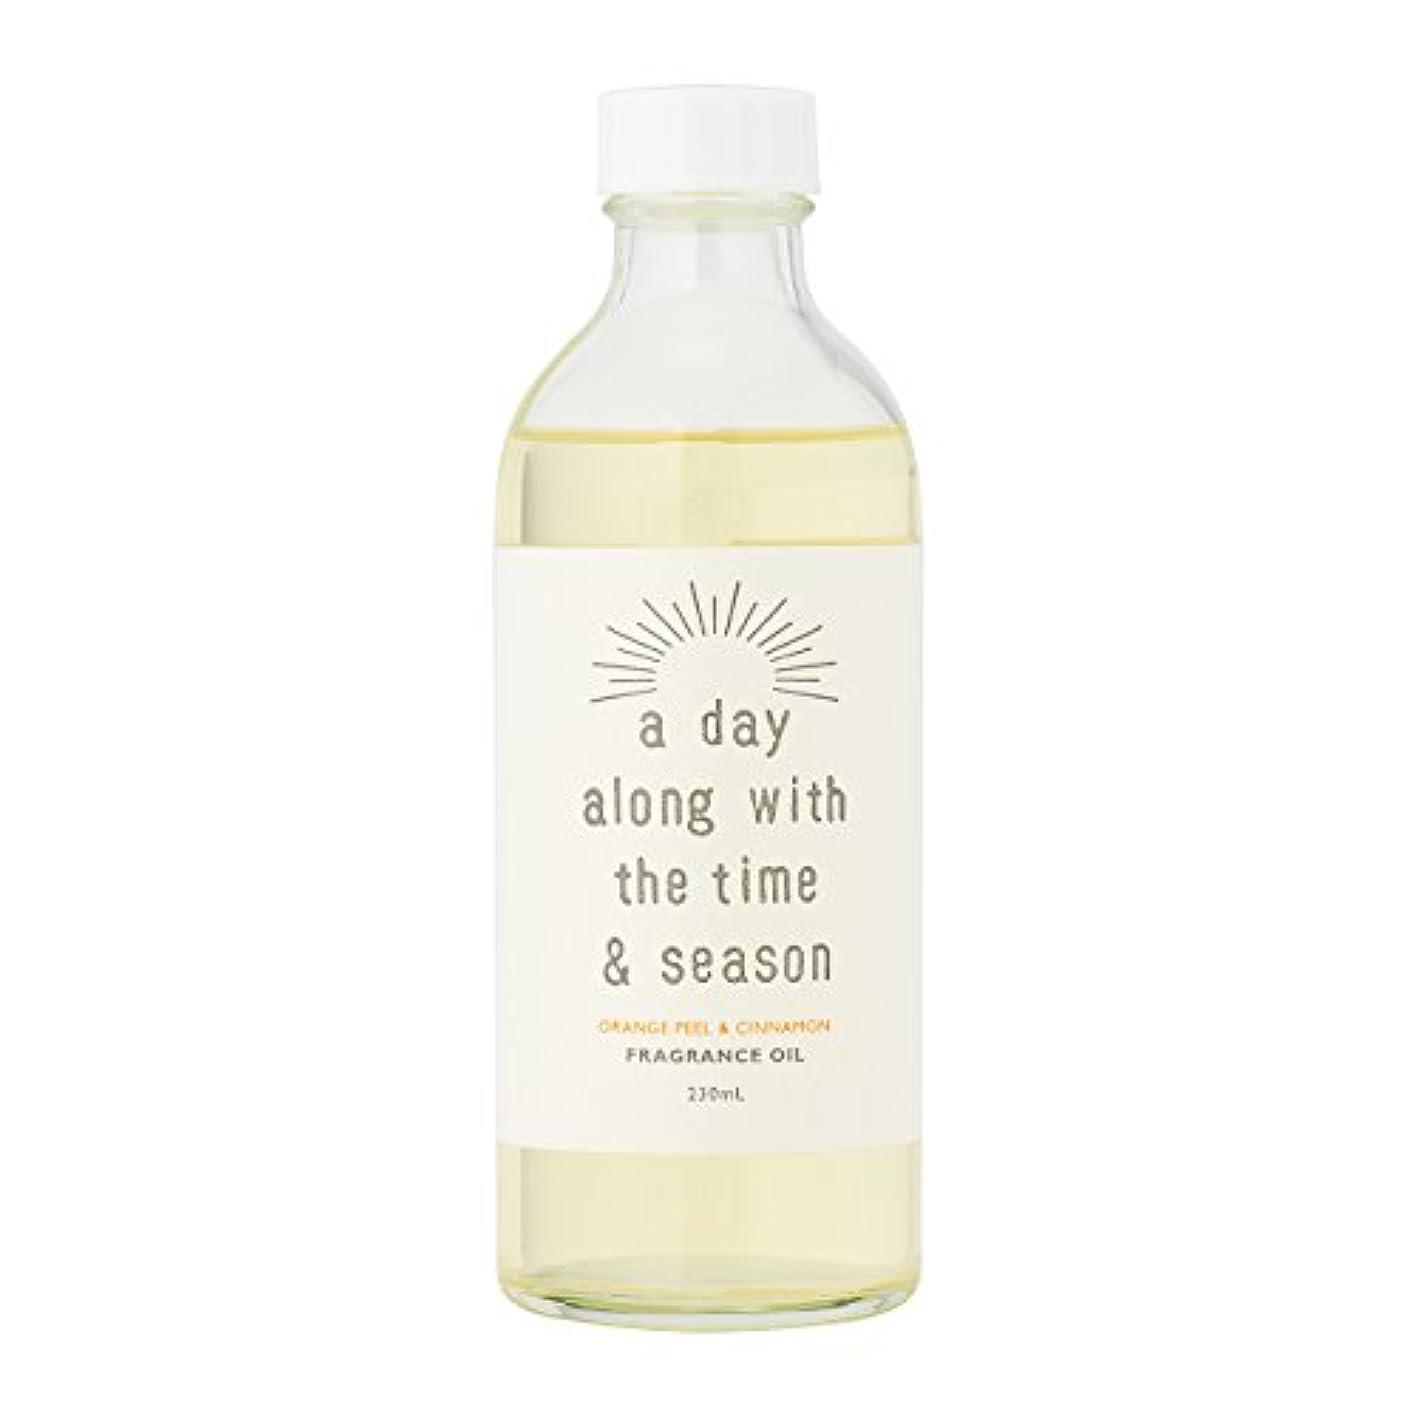 養う反対に救援アデイ(a day) リードディフューザー リフィル オレンジピール&シナモン 230ml(芳香剤 詰め替え用 甘酸っぱくて爽やかなオレンジピールにシナモンがふわりと広がる香り)